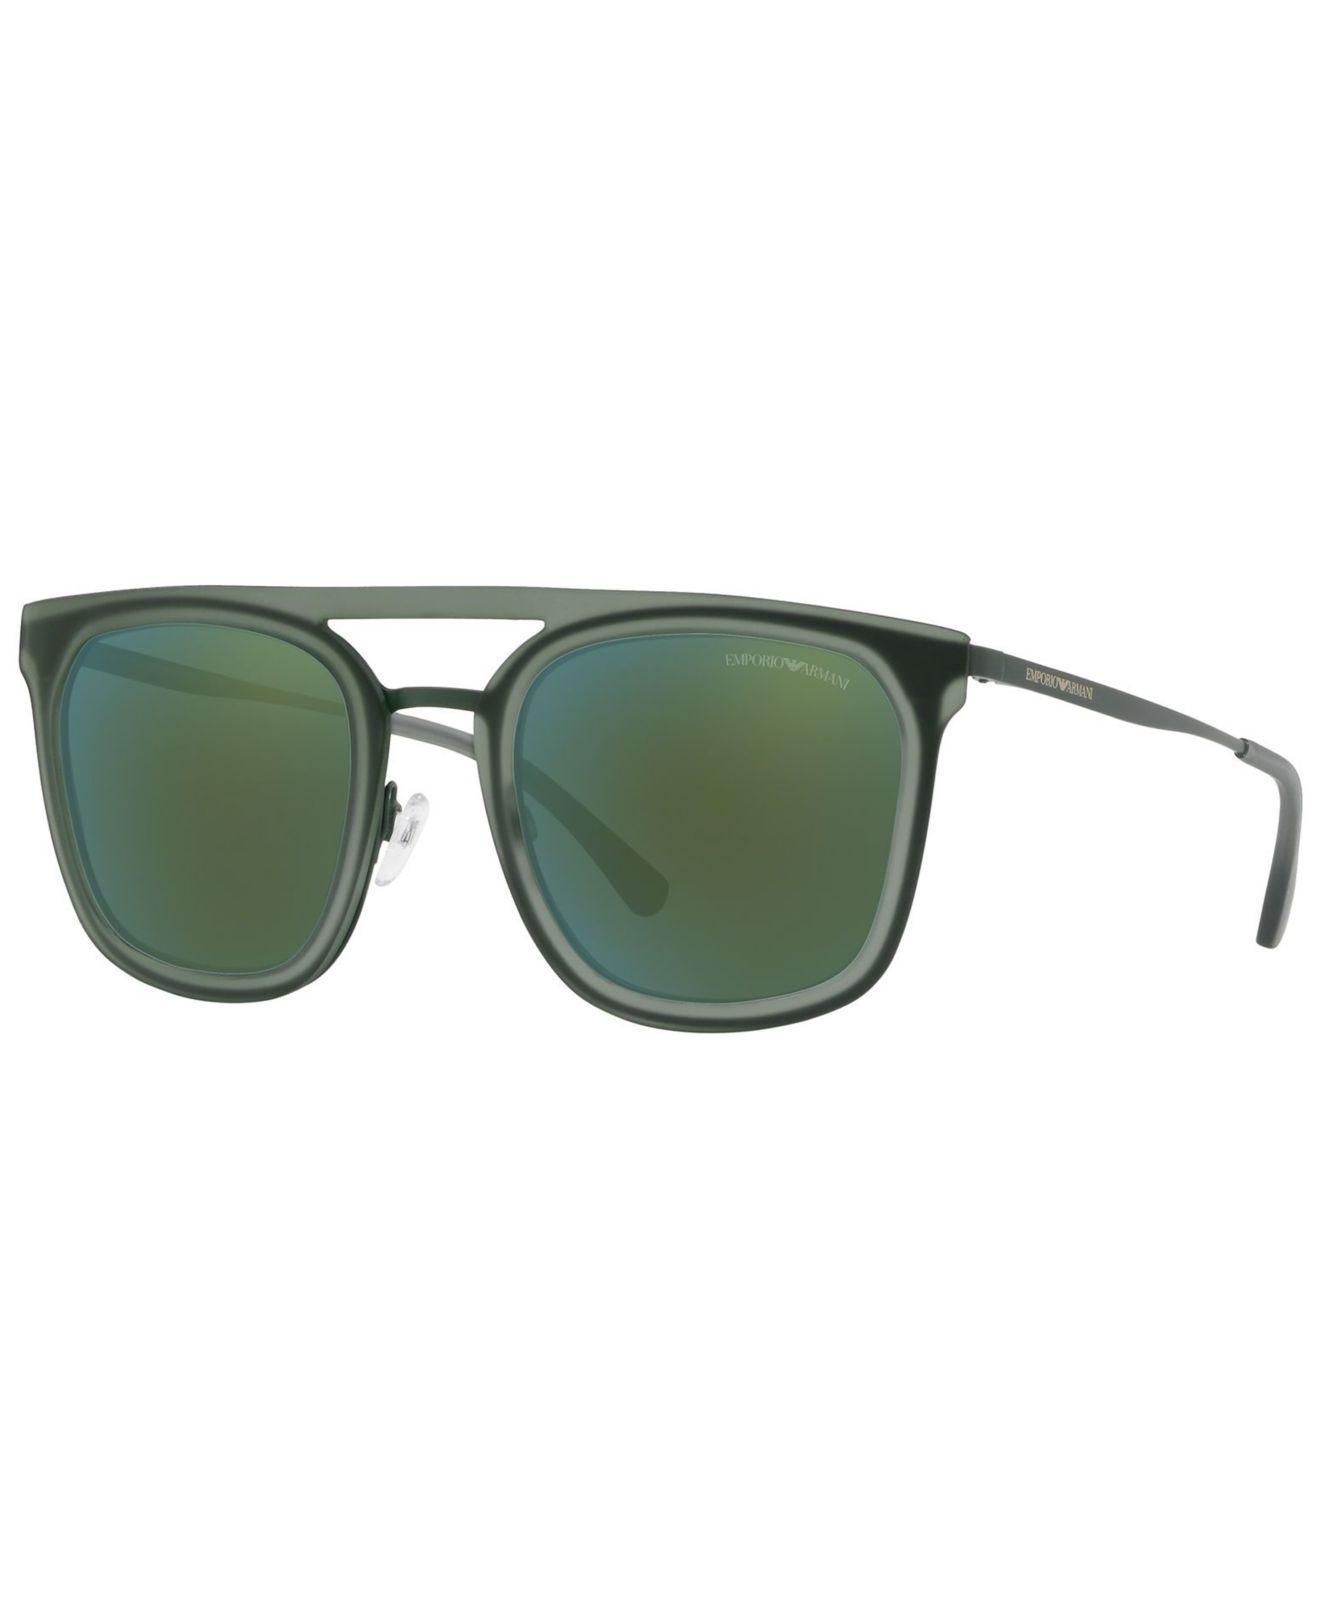 a2717cdc8235 Lyst - Emporio Armani Sunglasses, Ea2062 54 in Green for Men - Save ...